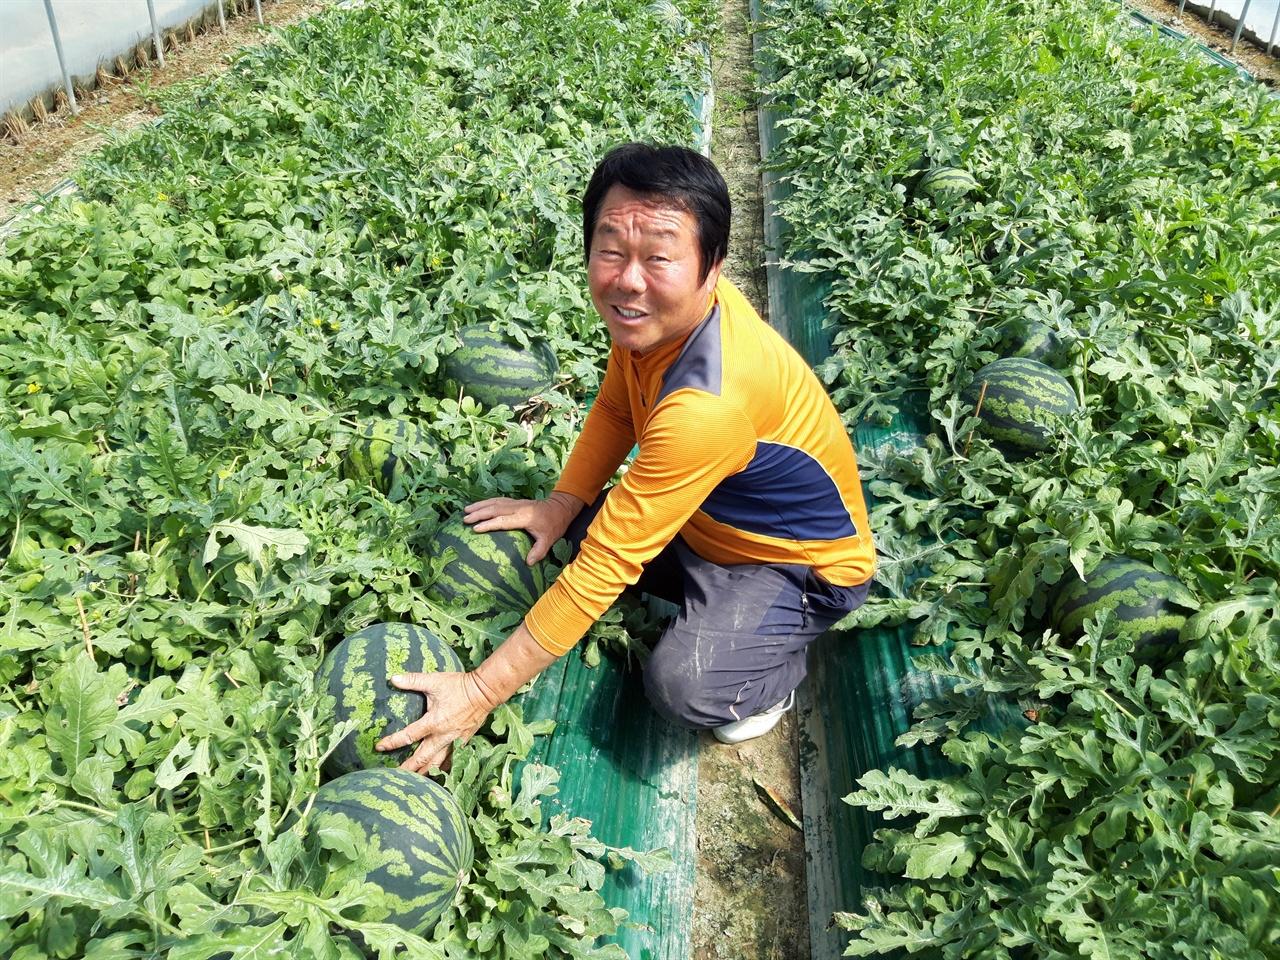 30년간 고령에서 수박을 키워온 농민 박해동 씨.